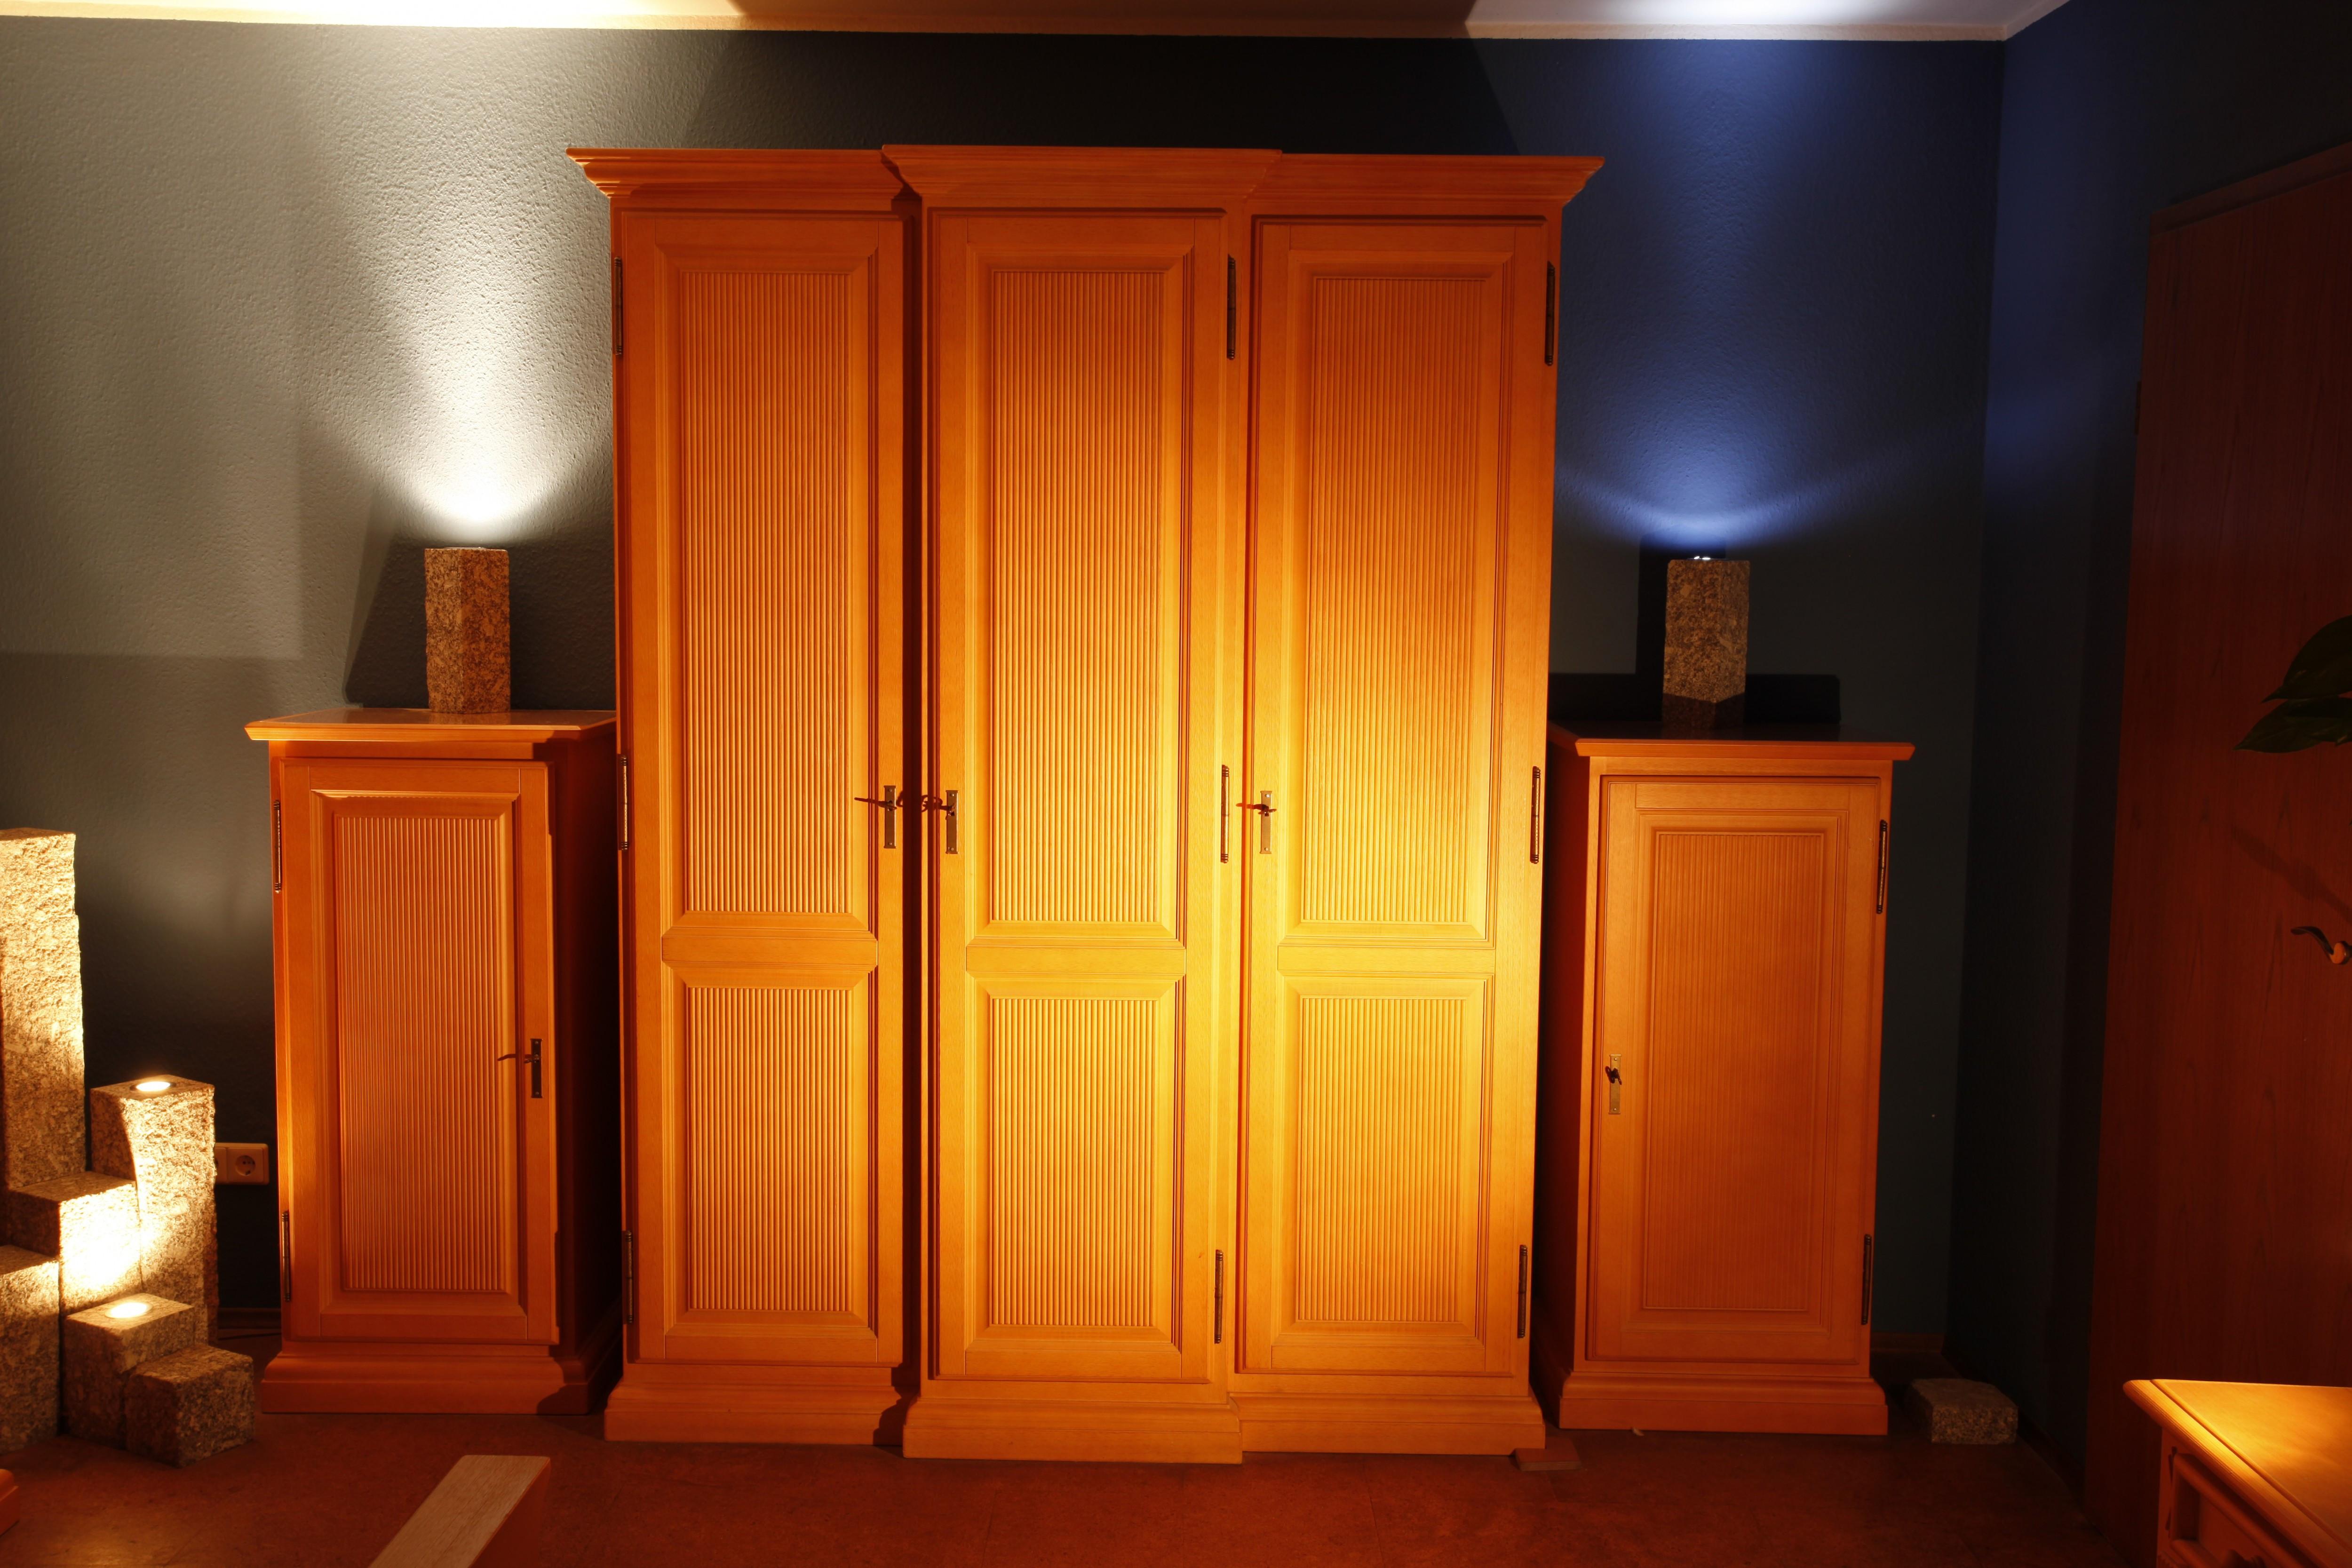 schlafzimmer pinie massiv gewachst kleinanzeigen baden online ihr kleinanzeigenmarkt f r. Black Bedroom Furniture Sets. Home Design Ideas